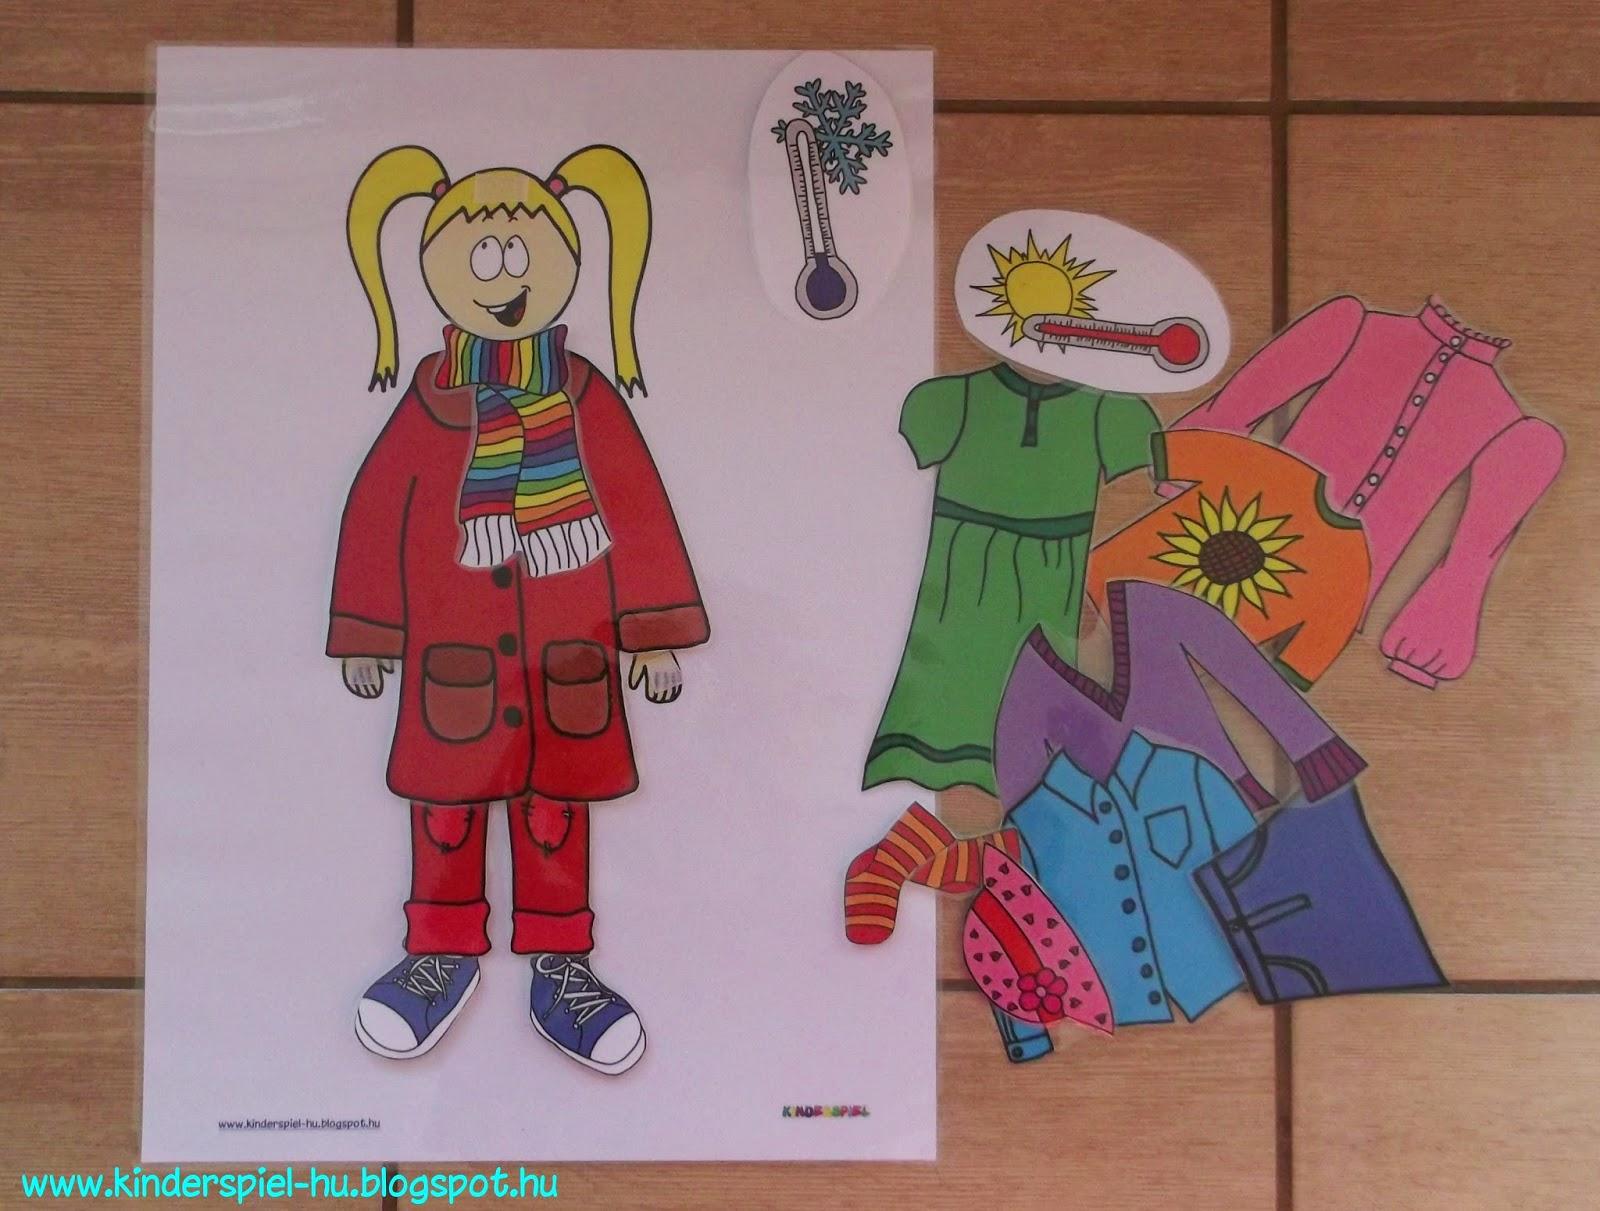 kinderspiel anziehpuppe kleider1